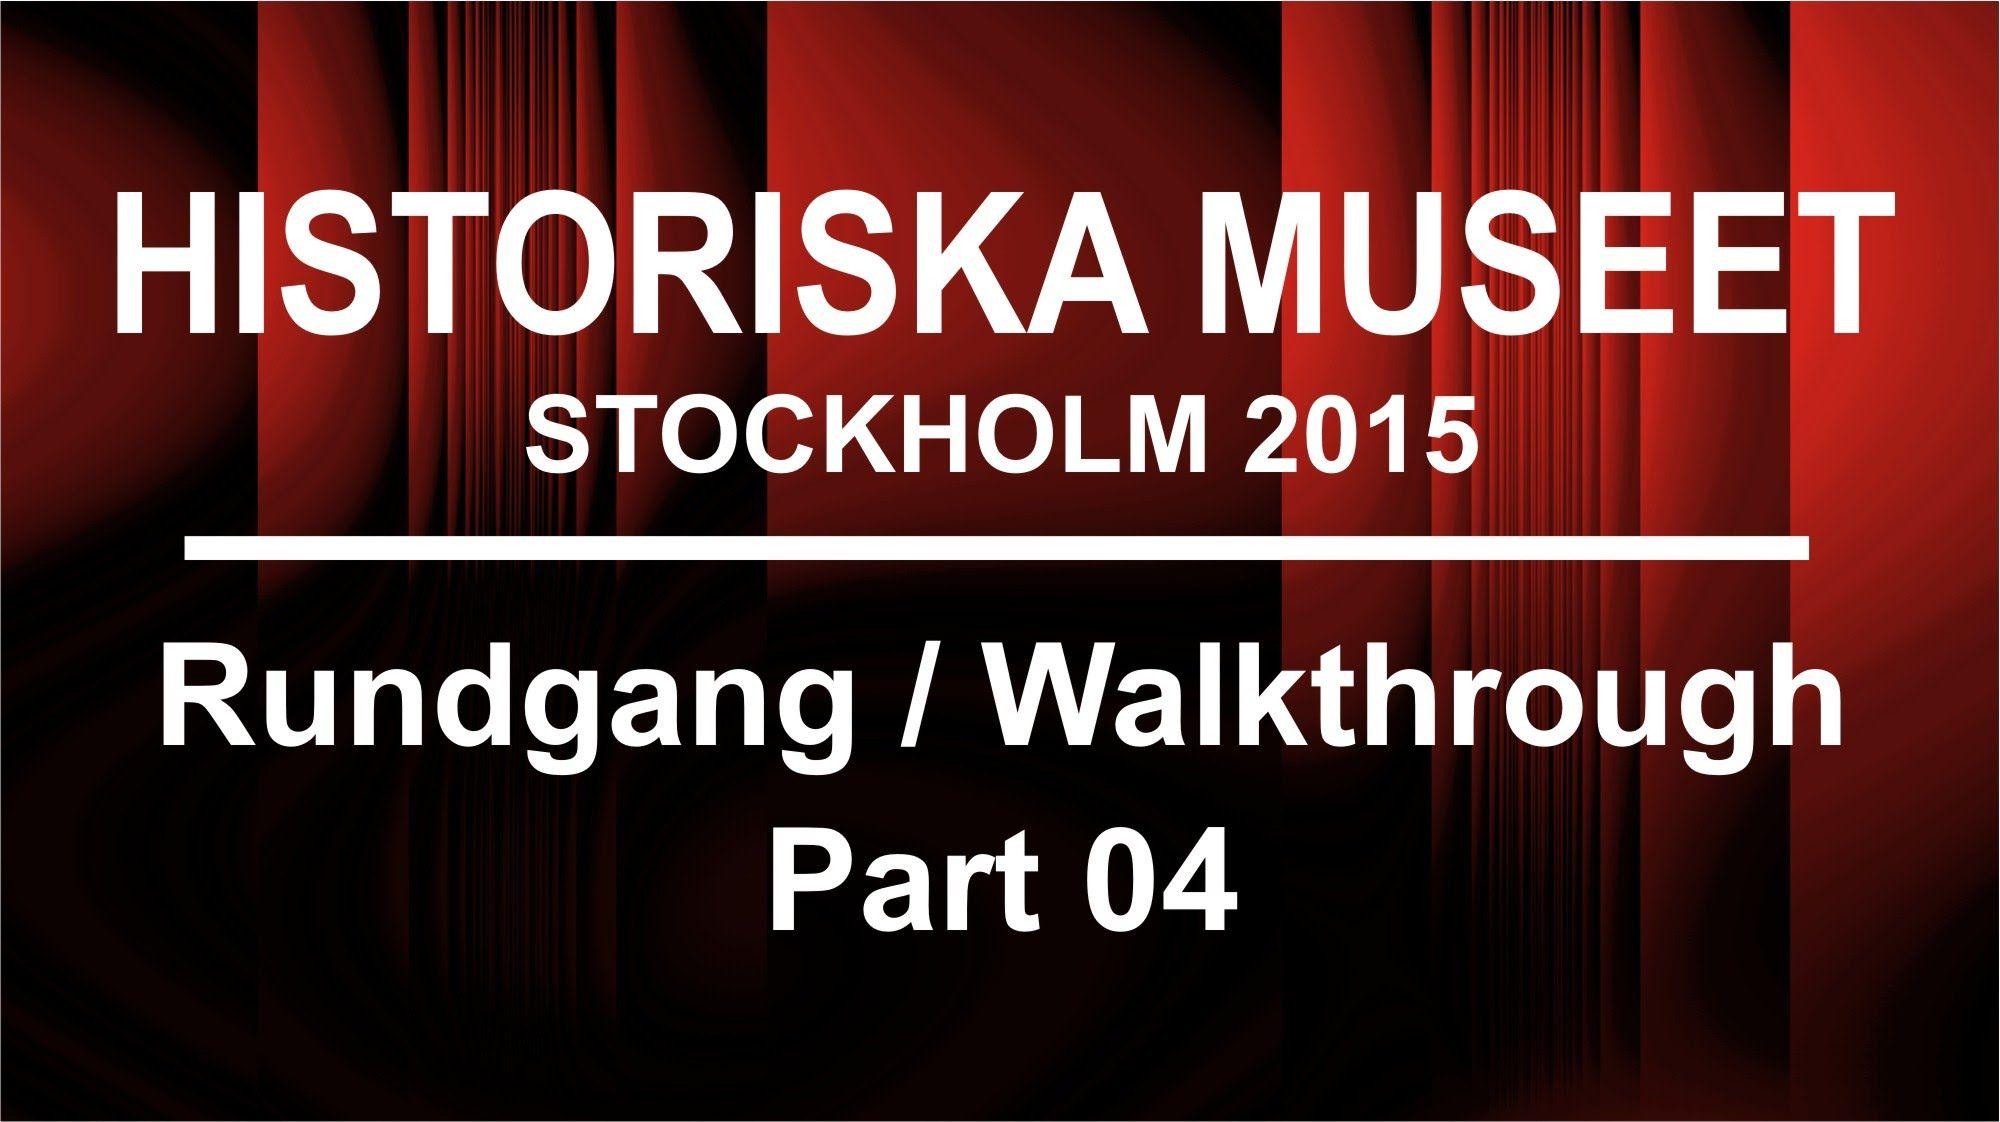 Exponate der Wikinger-Ausstellung im Historiska Museum Stockholm - Part 04